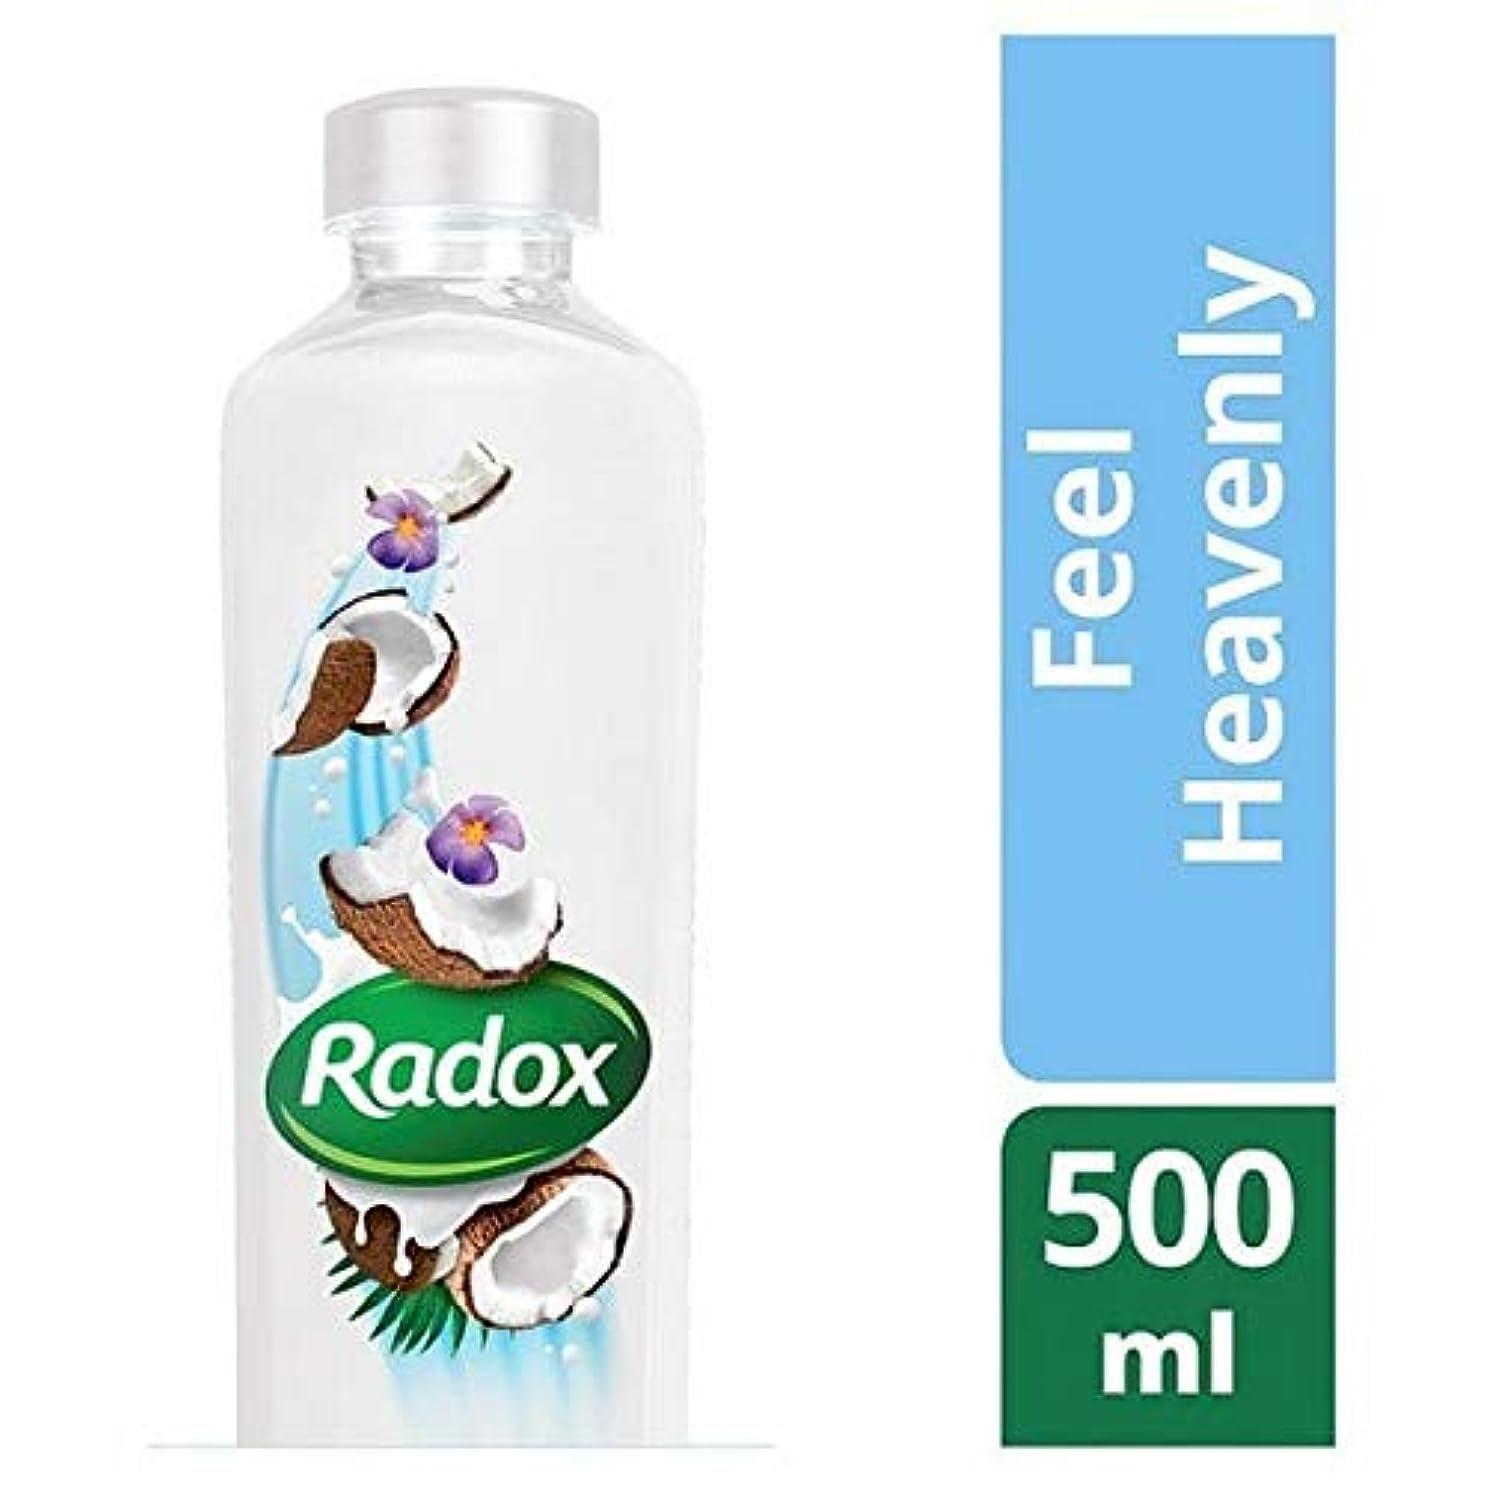 強化する思われる覚えている[Radox] Radoxは天国の500ミリリットルを感じます - Radox Feel Heavenly 500ml [並行輸入品]